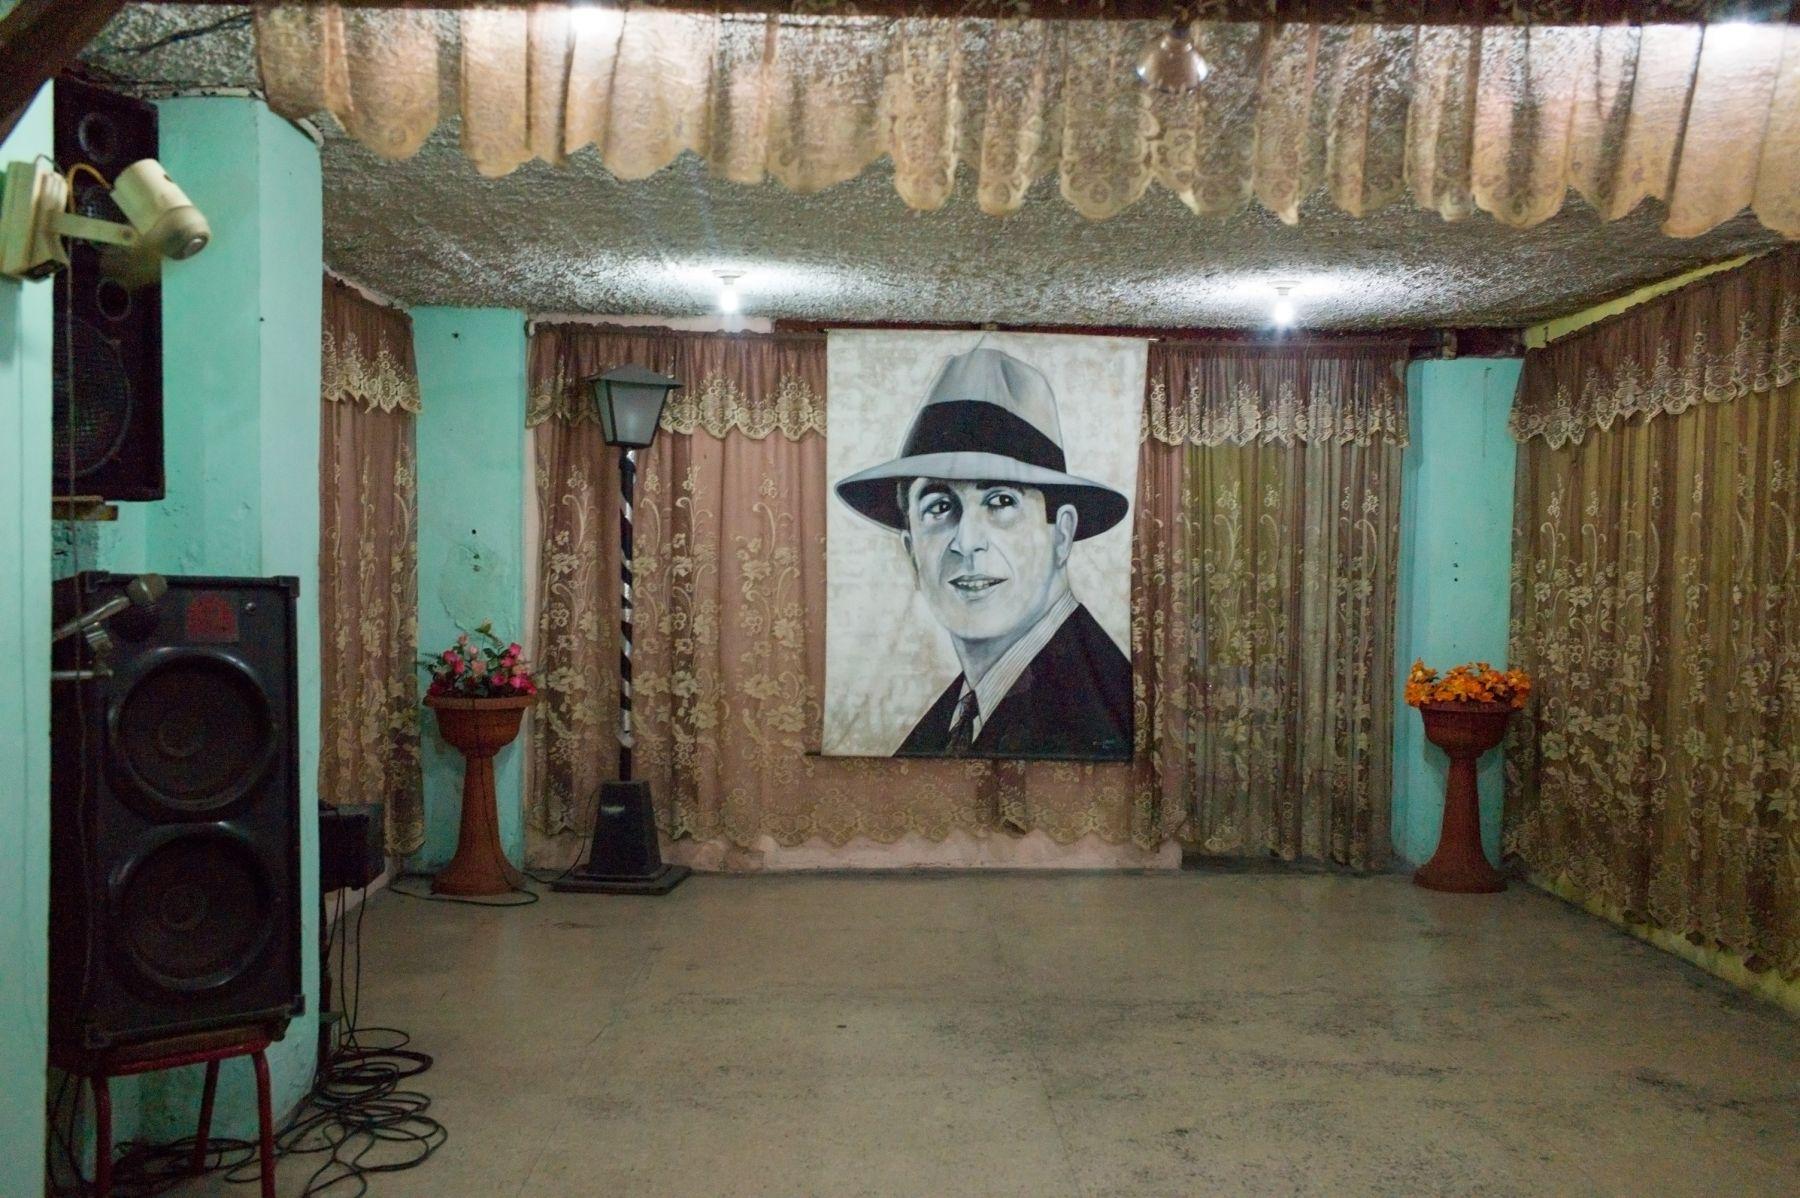 Magdalena Solé, Cuba - Hasta Siempre (Cuba Forever), Dance Studio, Havana, 2013, Sous Les Etoiles Gallery